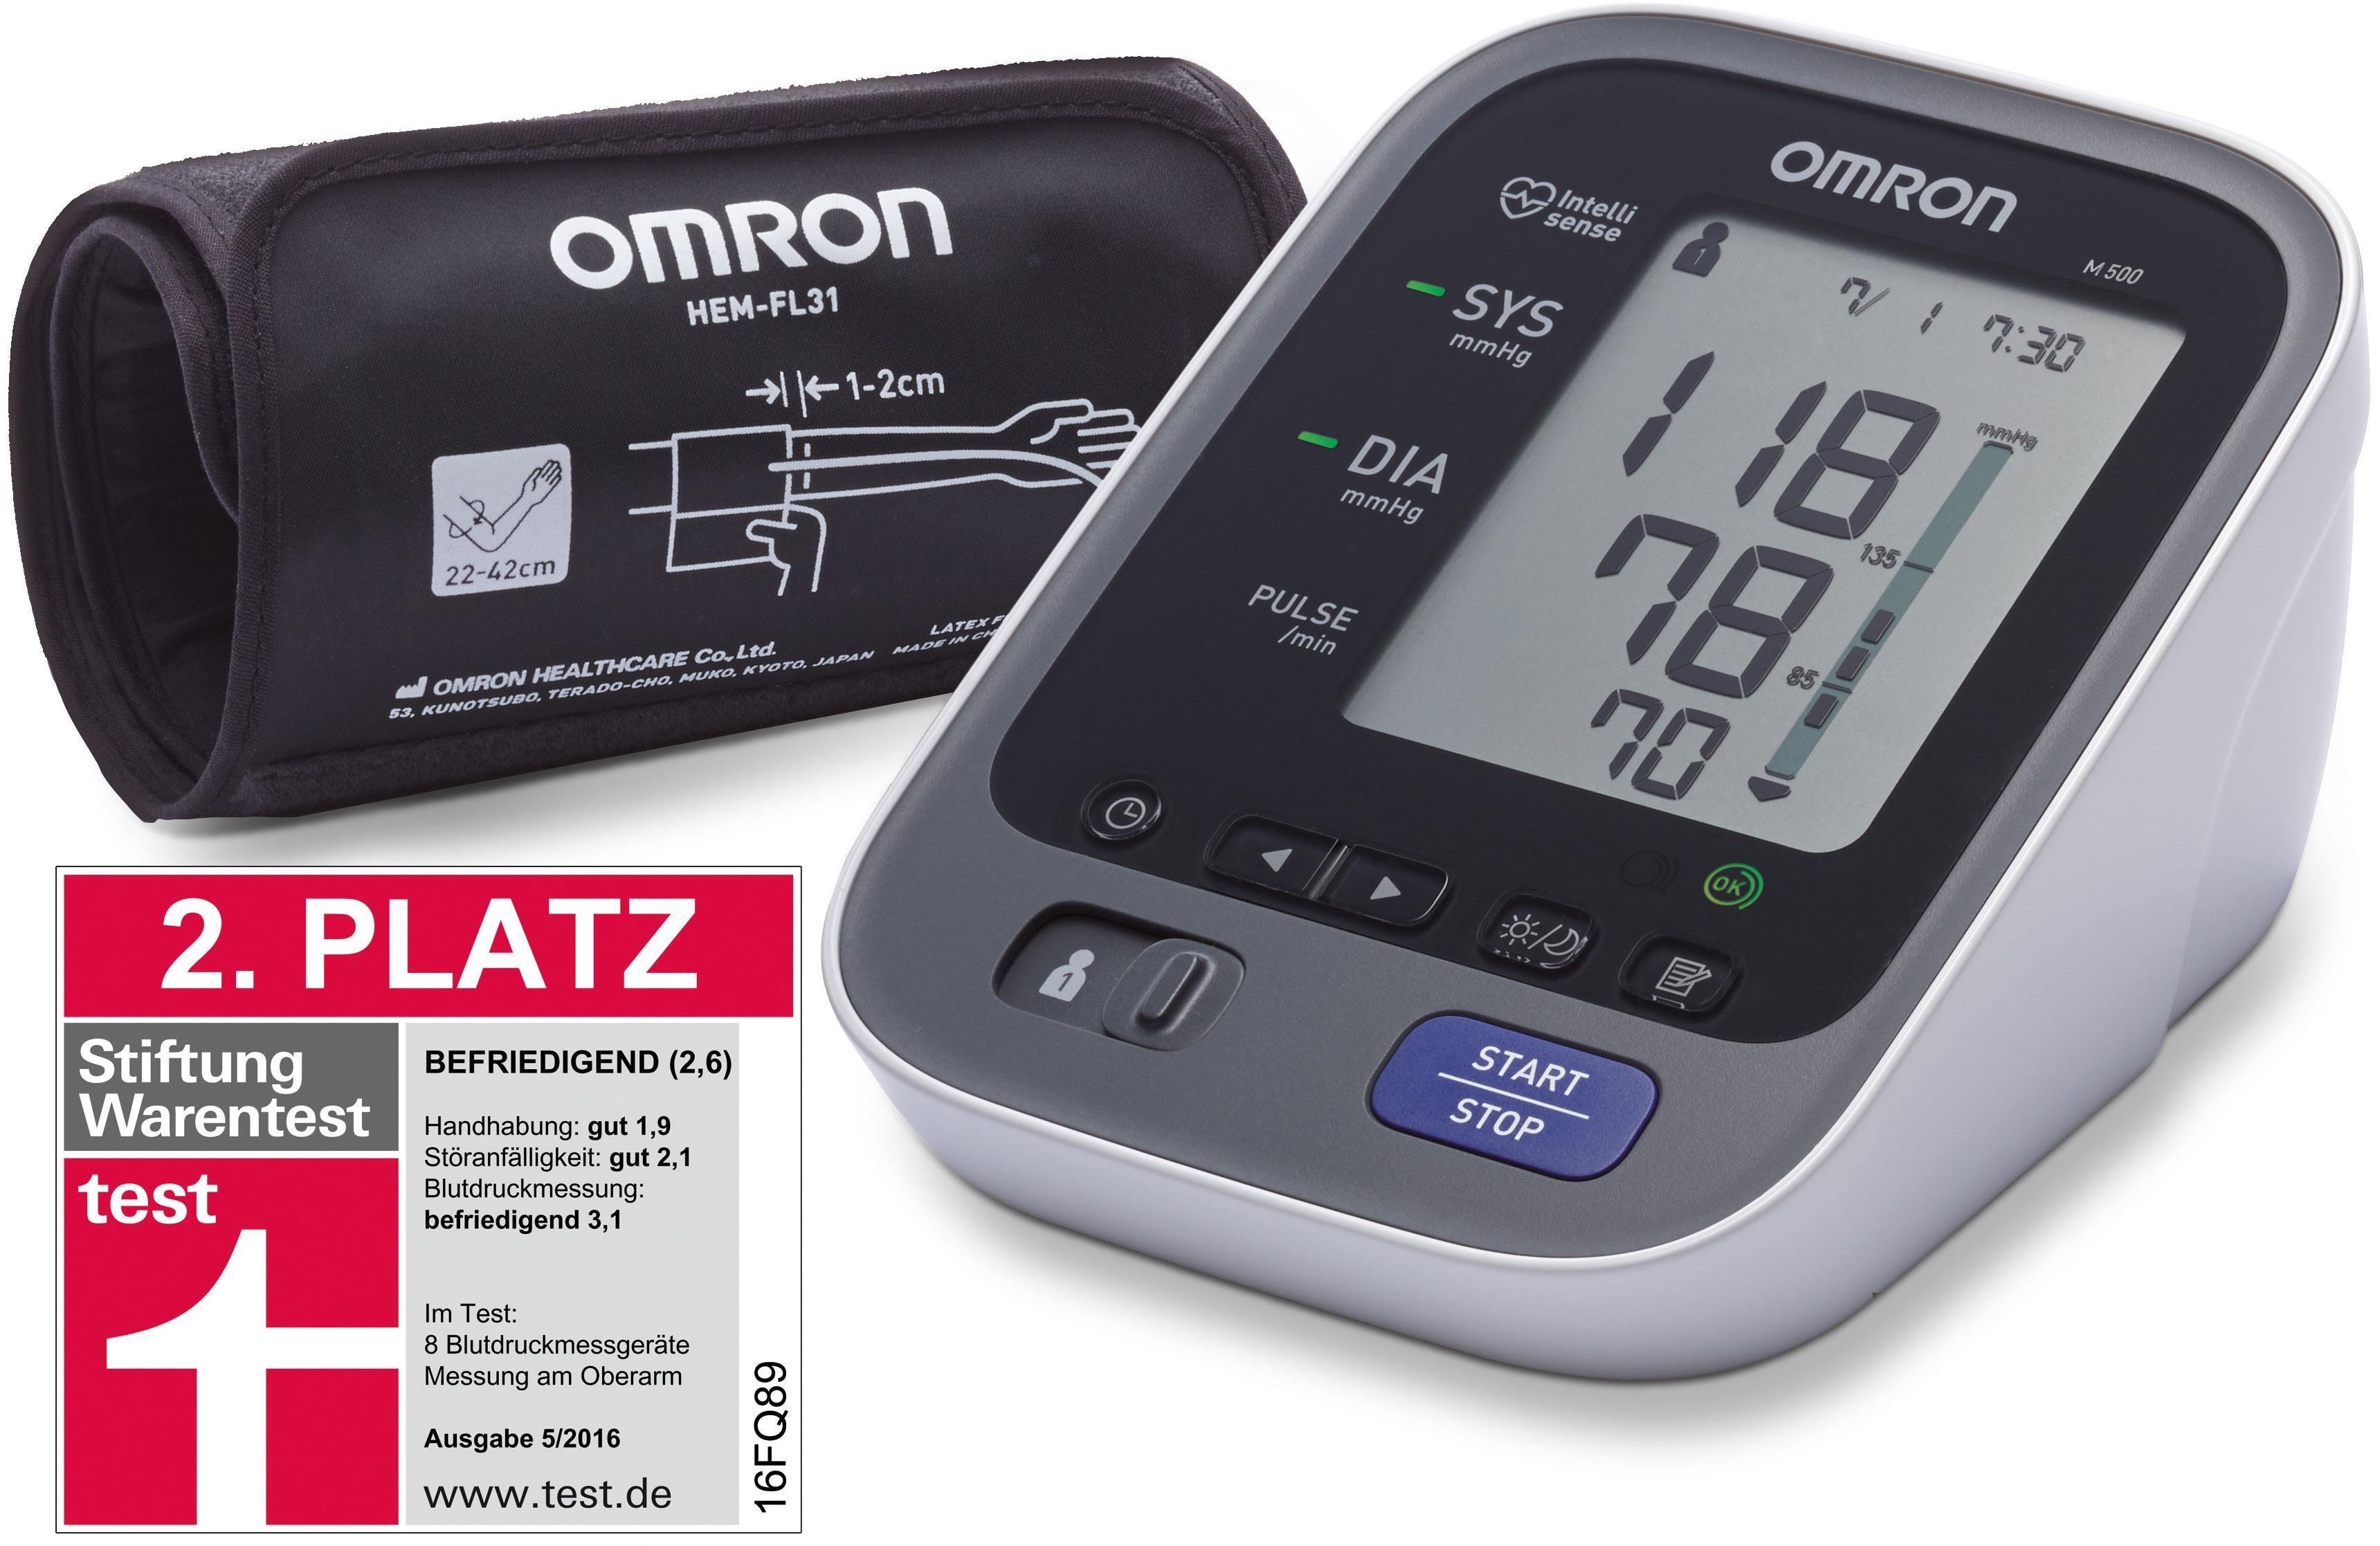 Omron Blutdruckmessgerät M500 (HEM-7321-D), vollautomatisches Oberarm-Blutdruckmessgerät